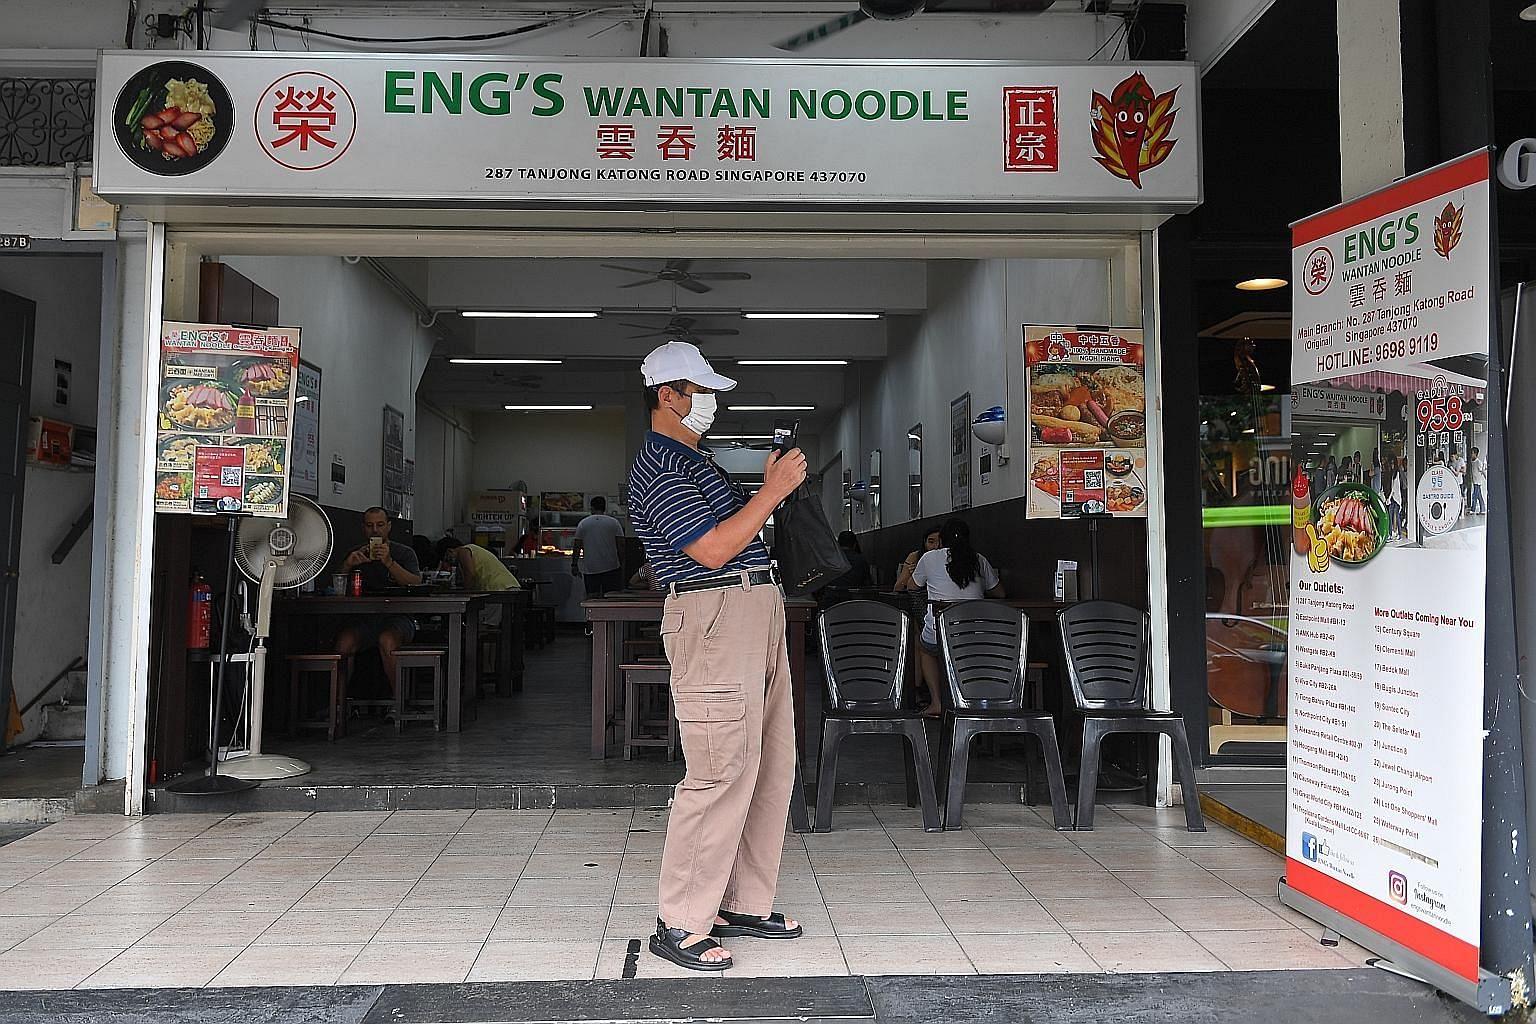 Eng's Wantan Noodle at 287 Tanjong Katong Road (above), and Eng's Char Siew Wantan Mee at 248/250 Tanjong Katong Road. ST PHOTOS: SHINTARO TAY